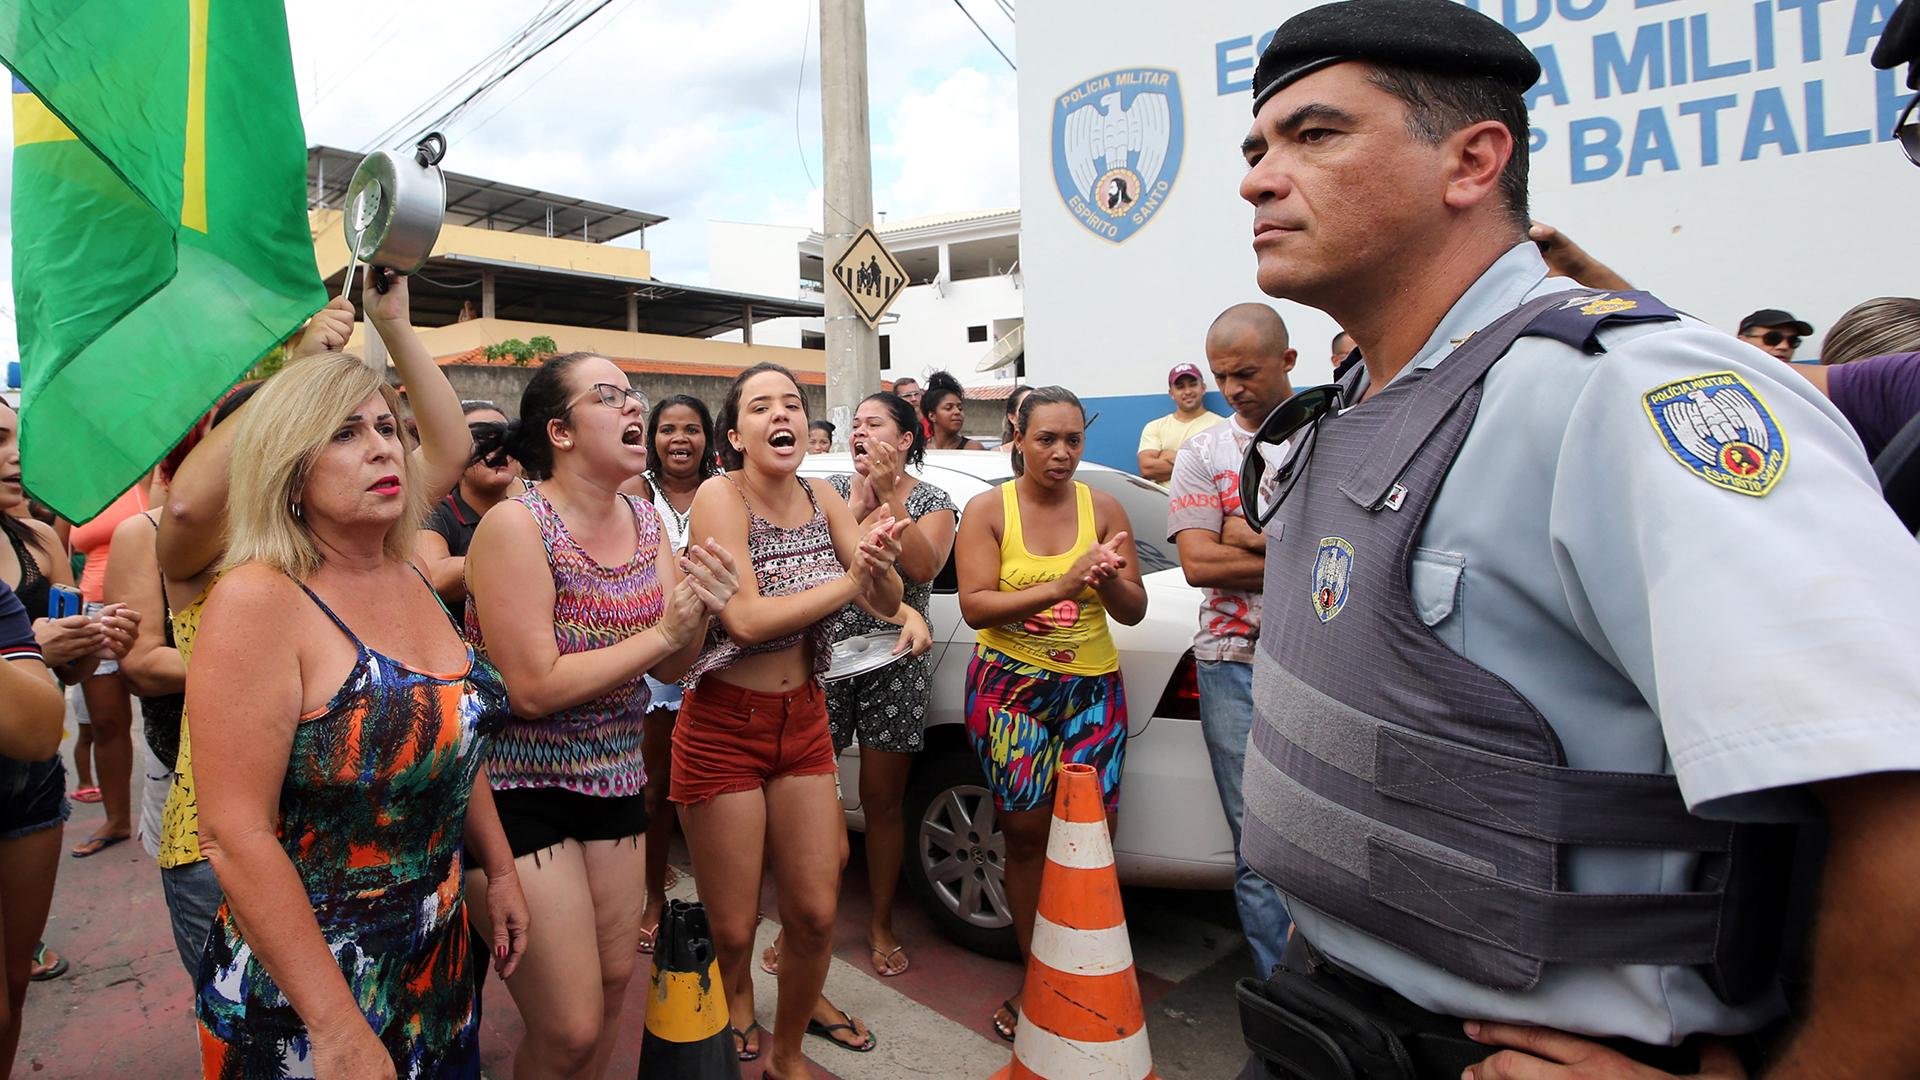 Los familiares de los policías bloquean los cuarteles. Sigue la huelga en Espírito Santo